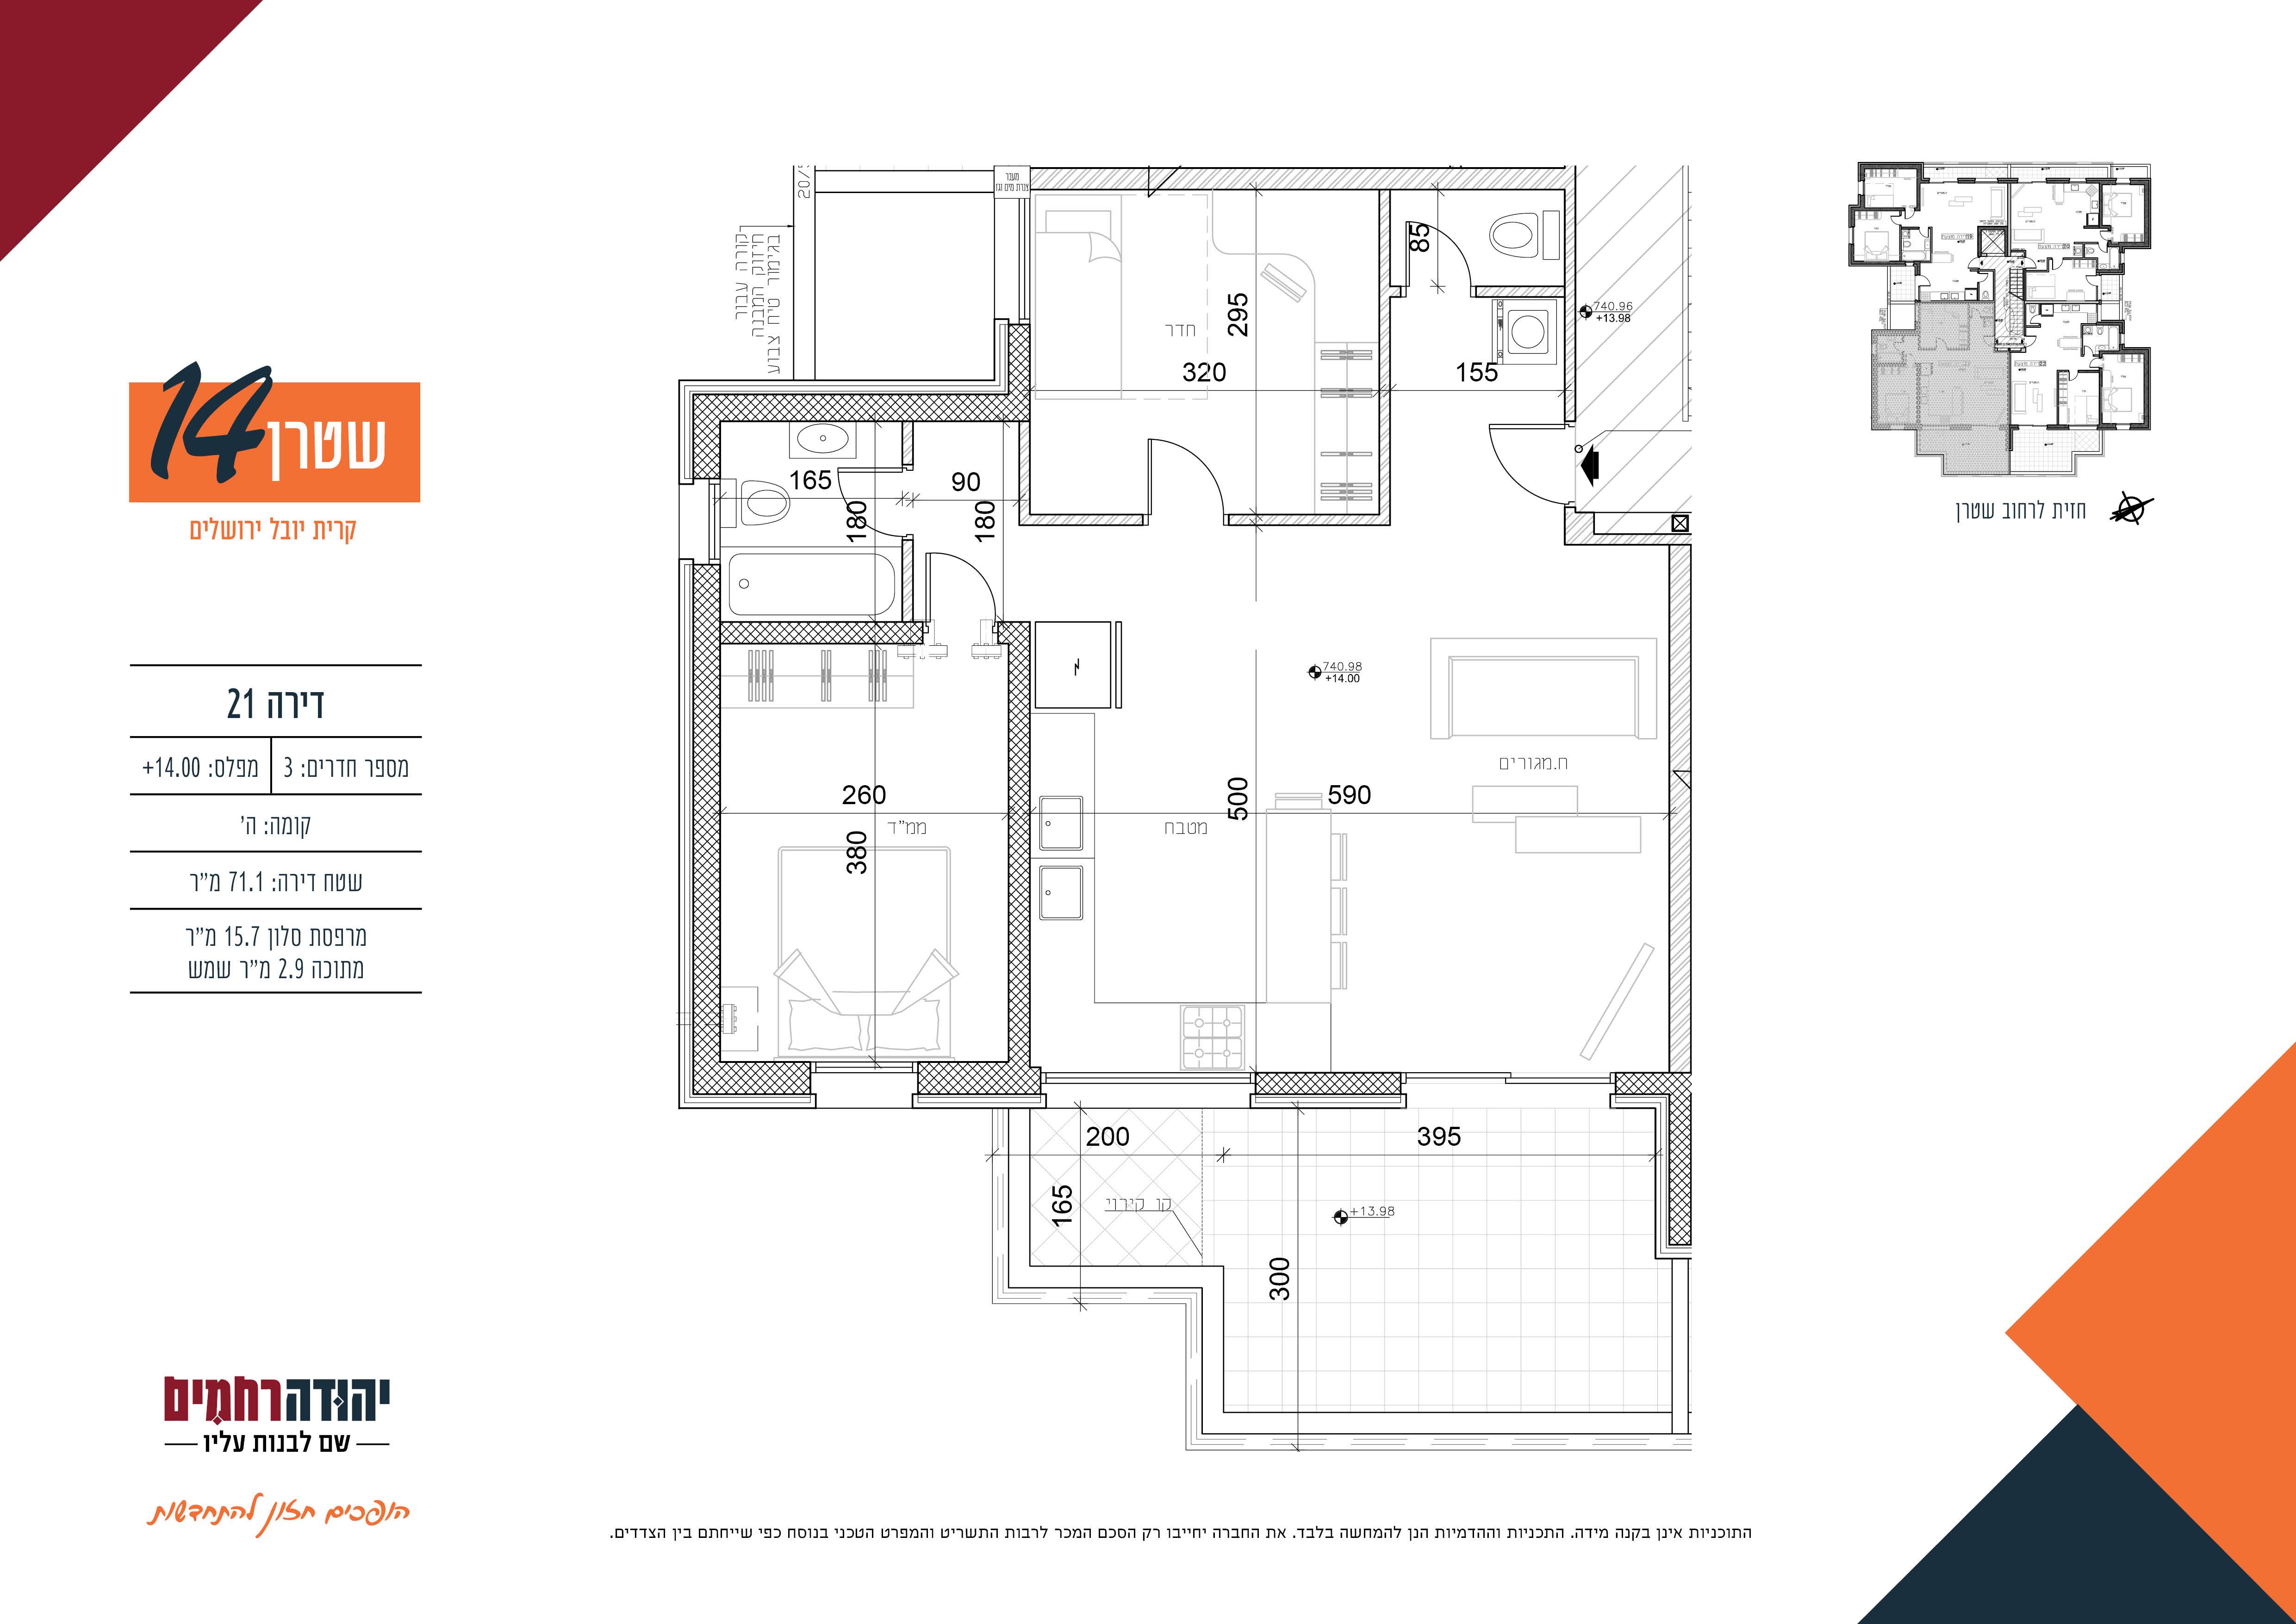 דירה-21 שטרן 14